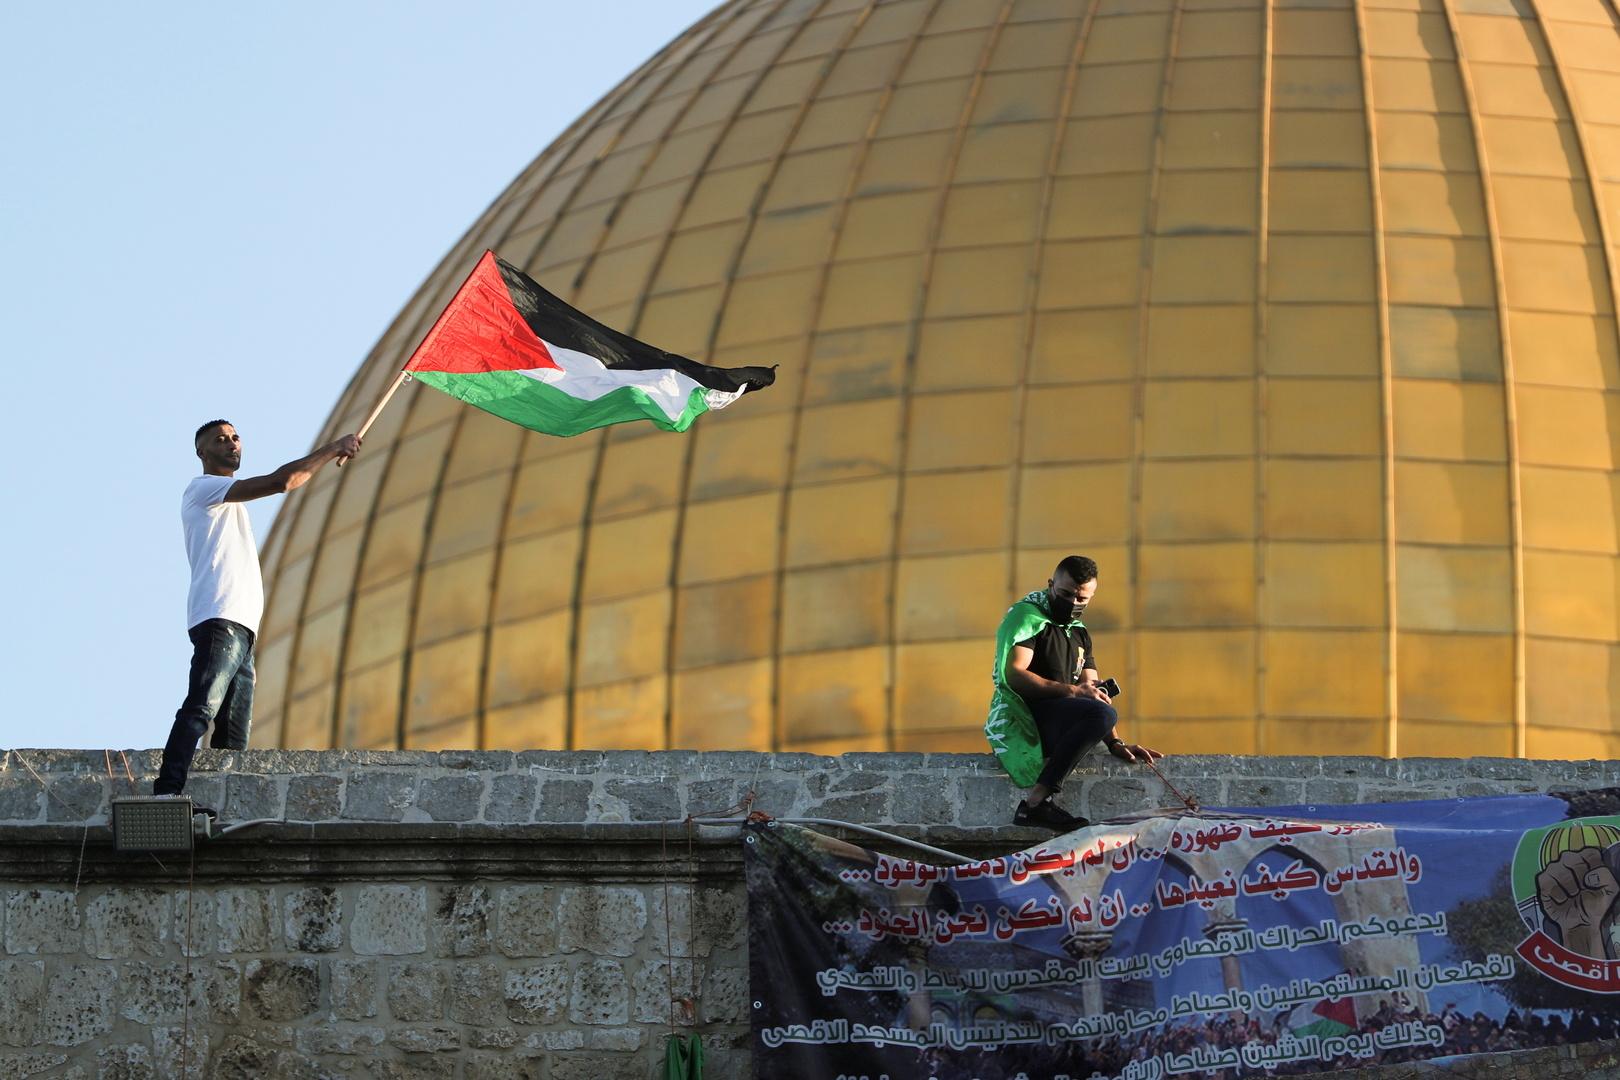 متابعة متواصلة لآخر تطورات الوضع في الأراضي الفلسطينية